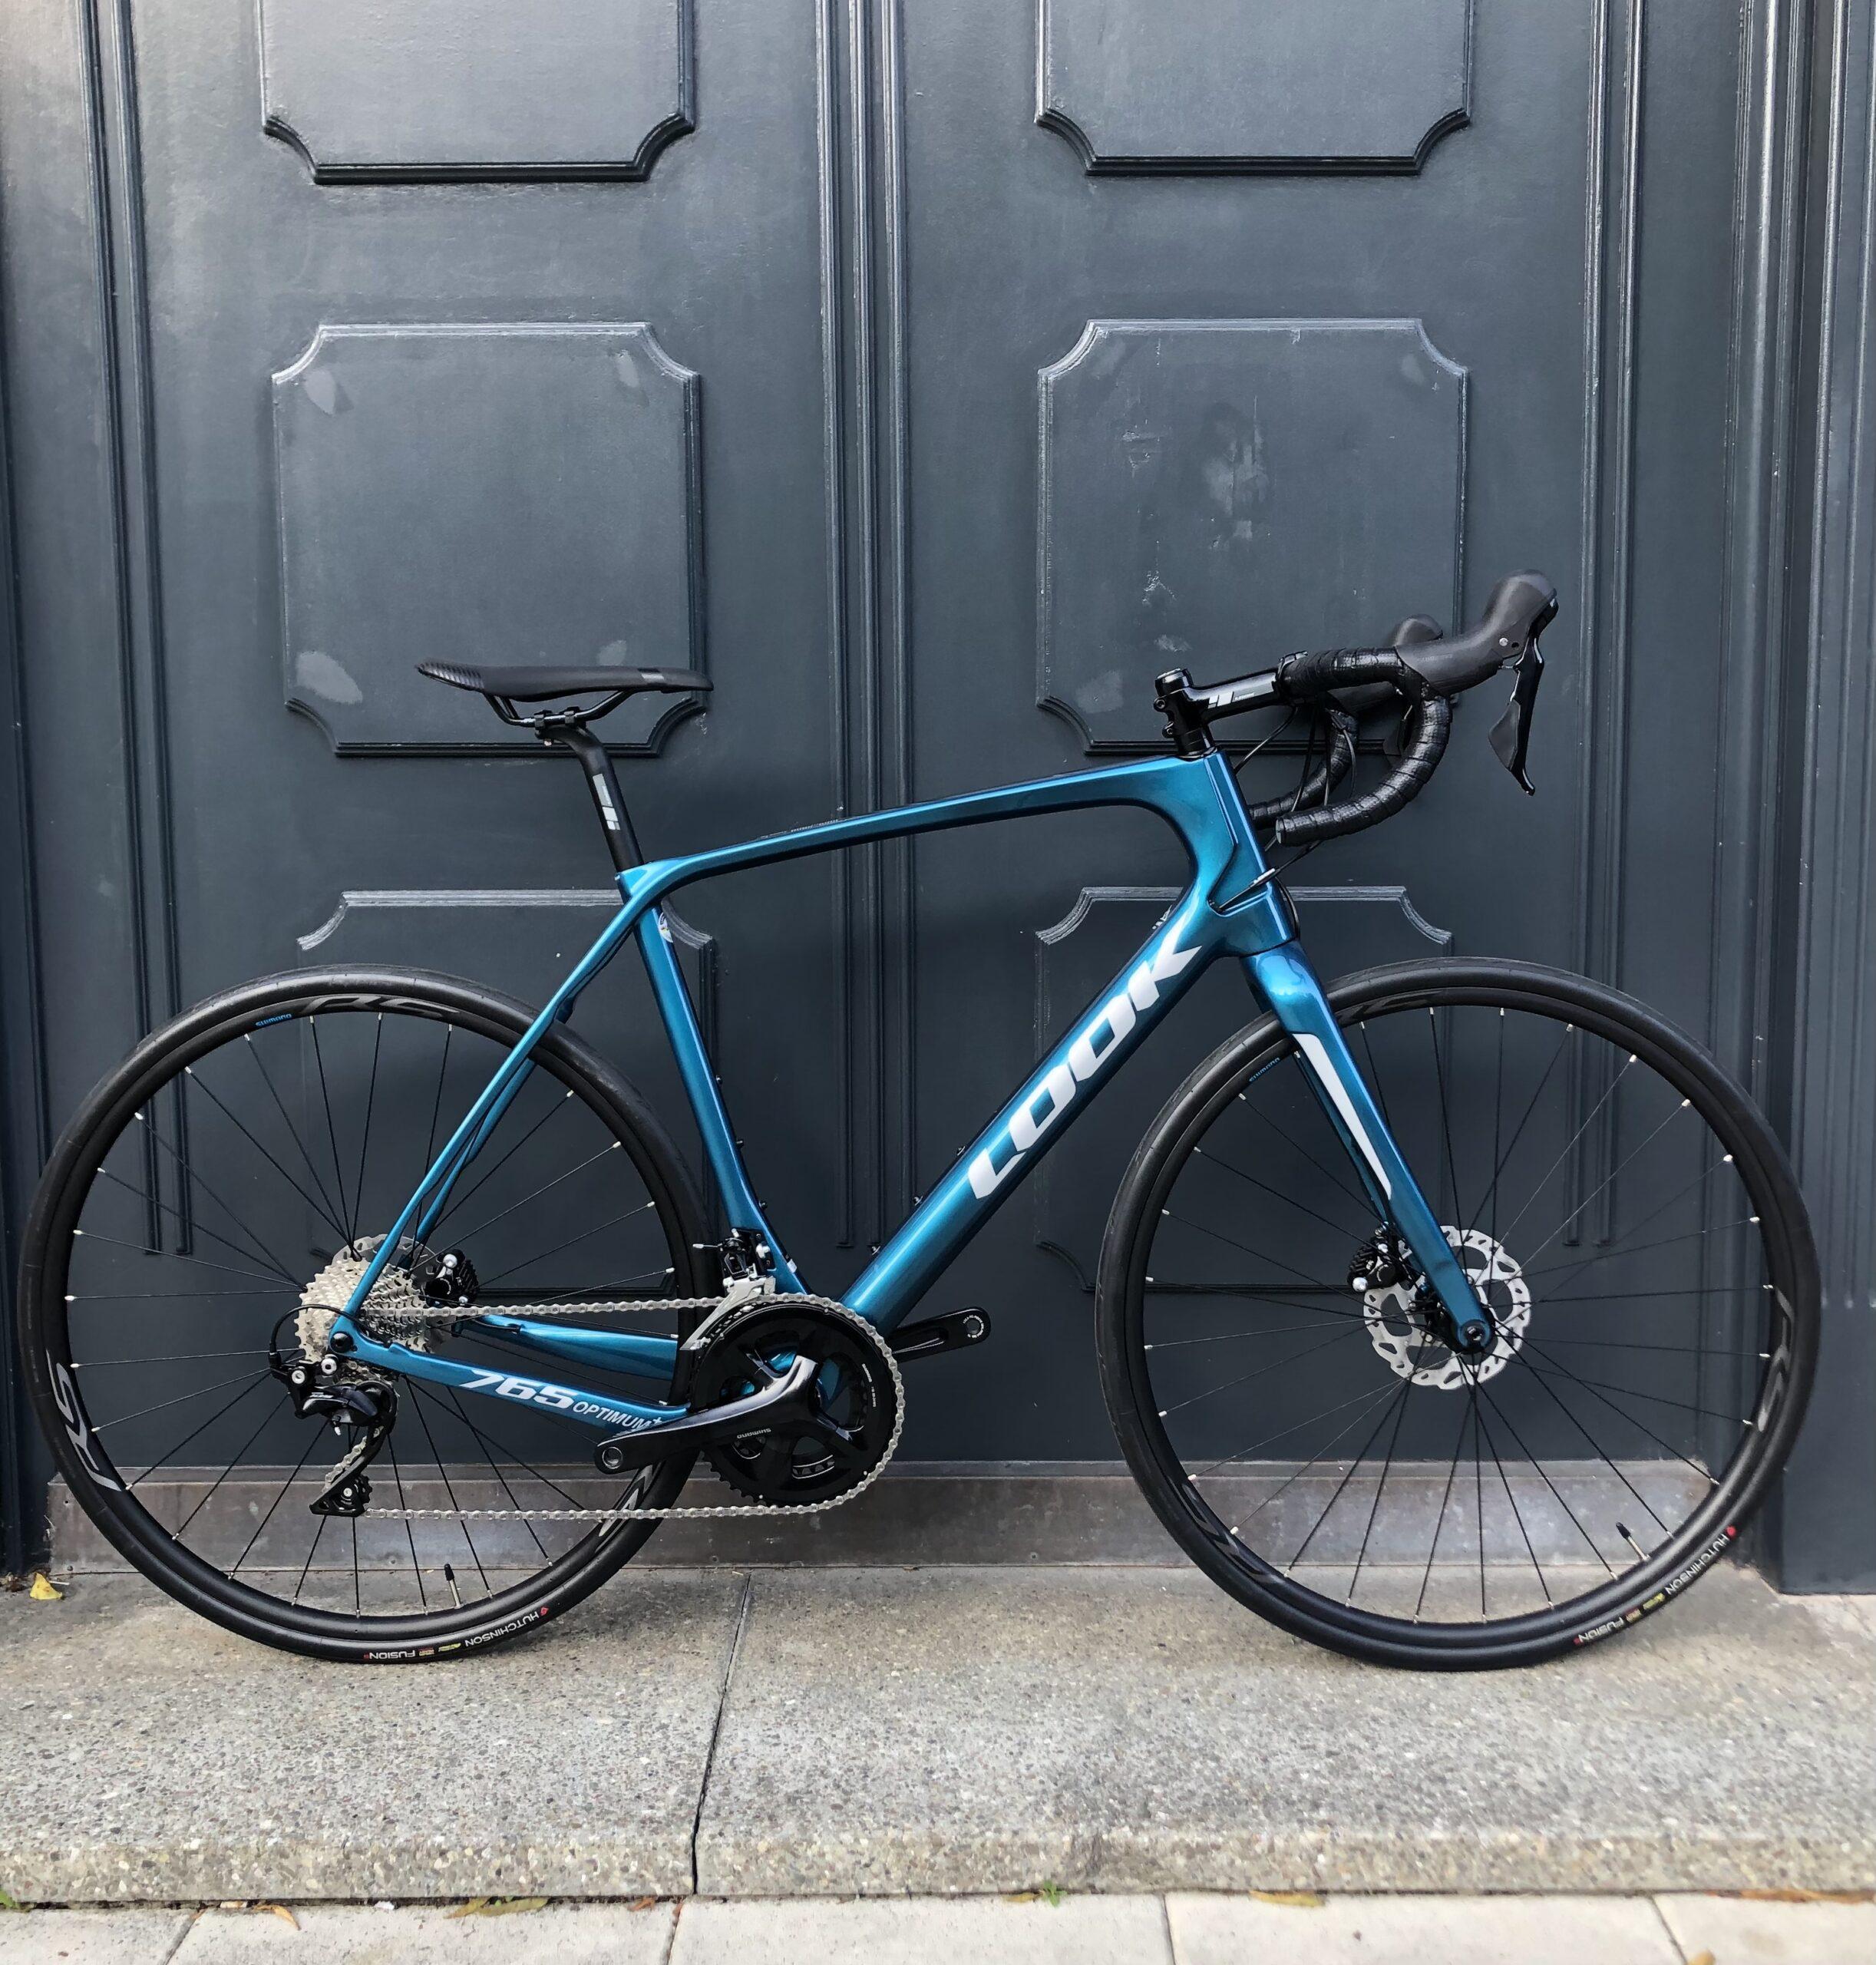 LOOK 765 Optimum in Metallic Blue